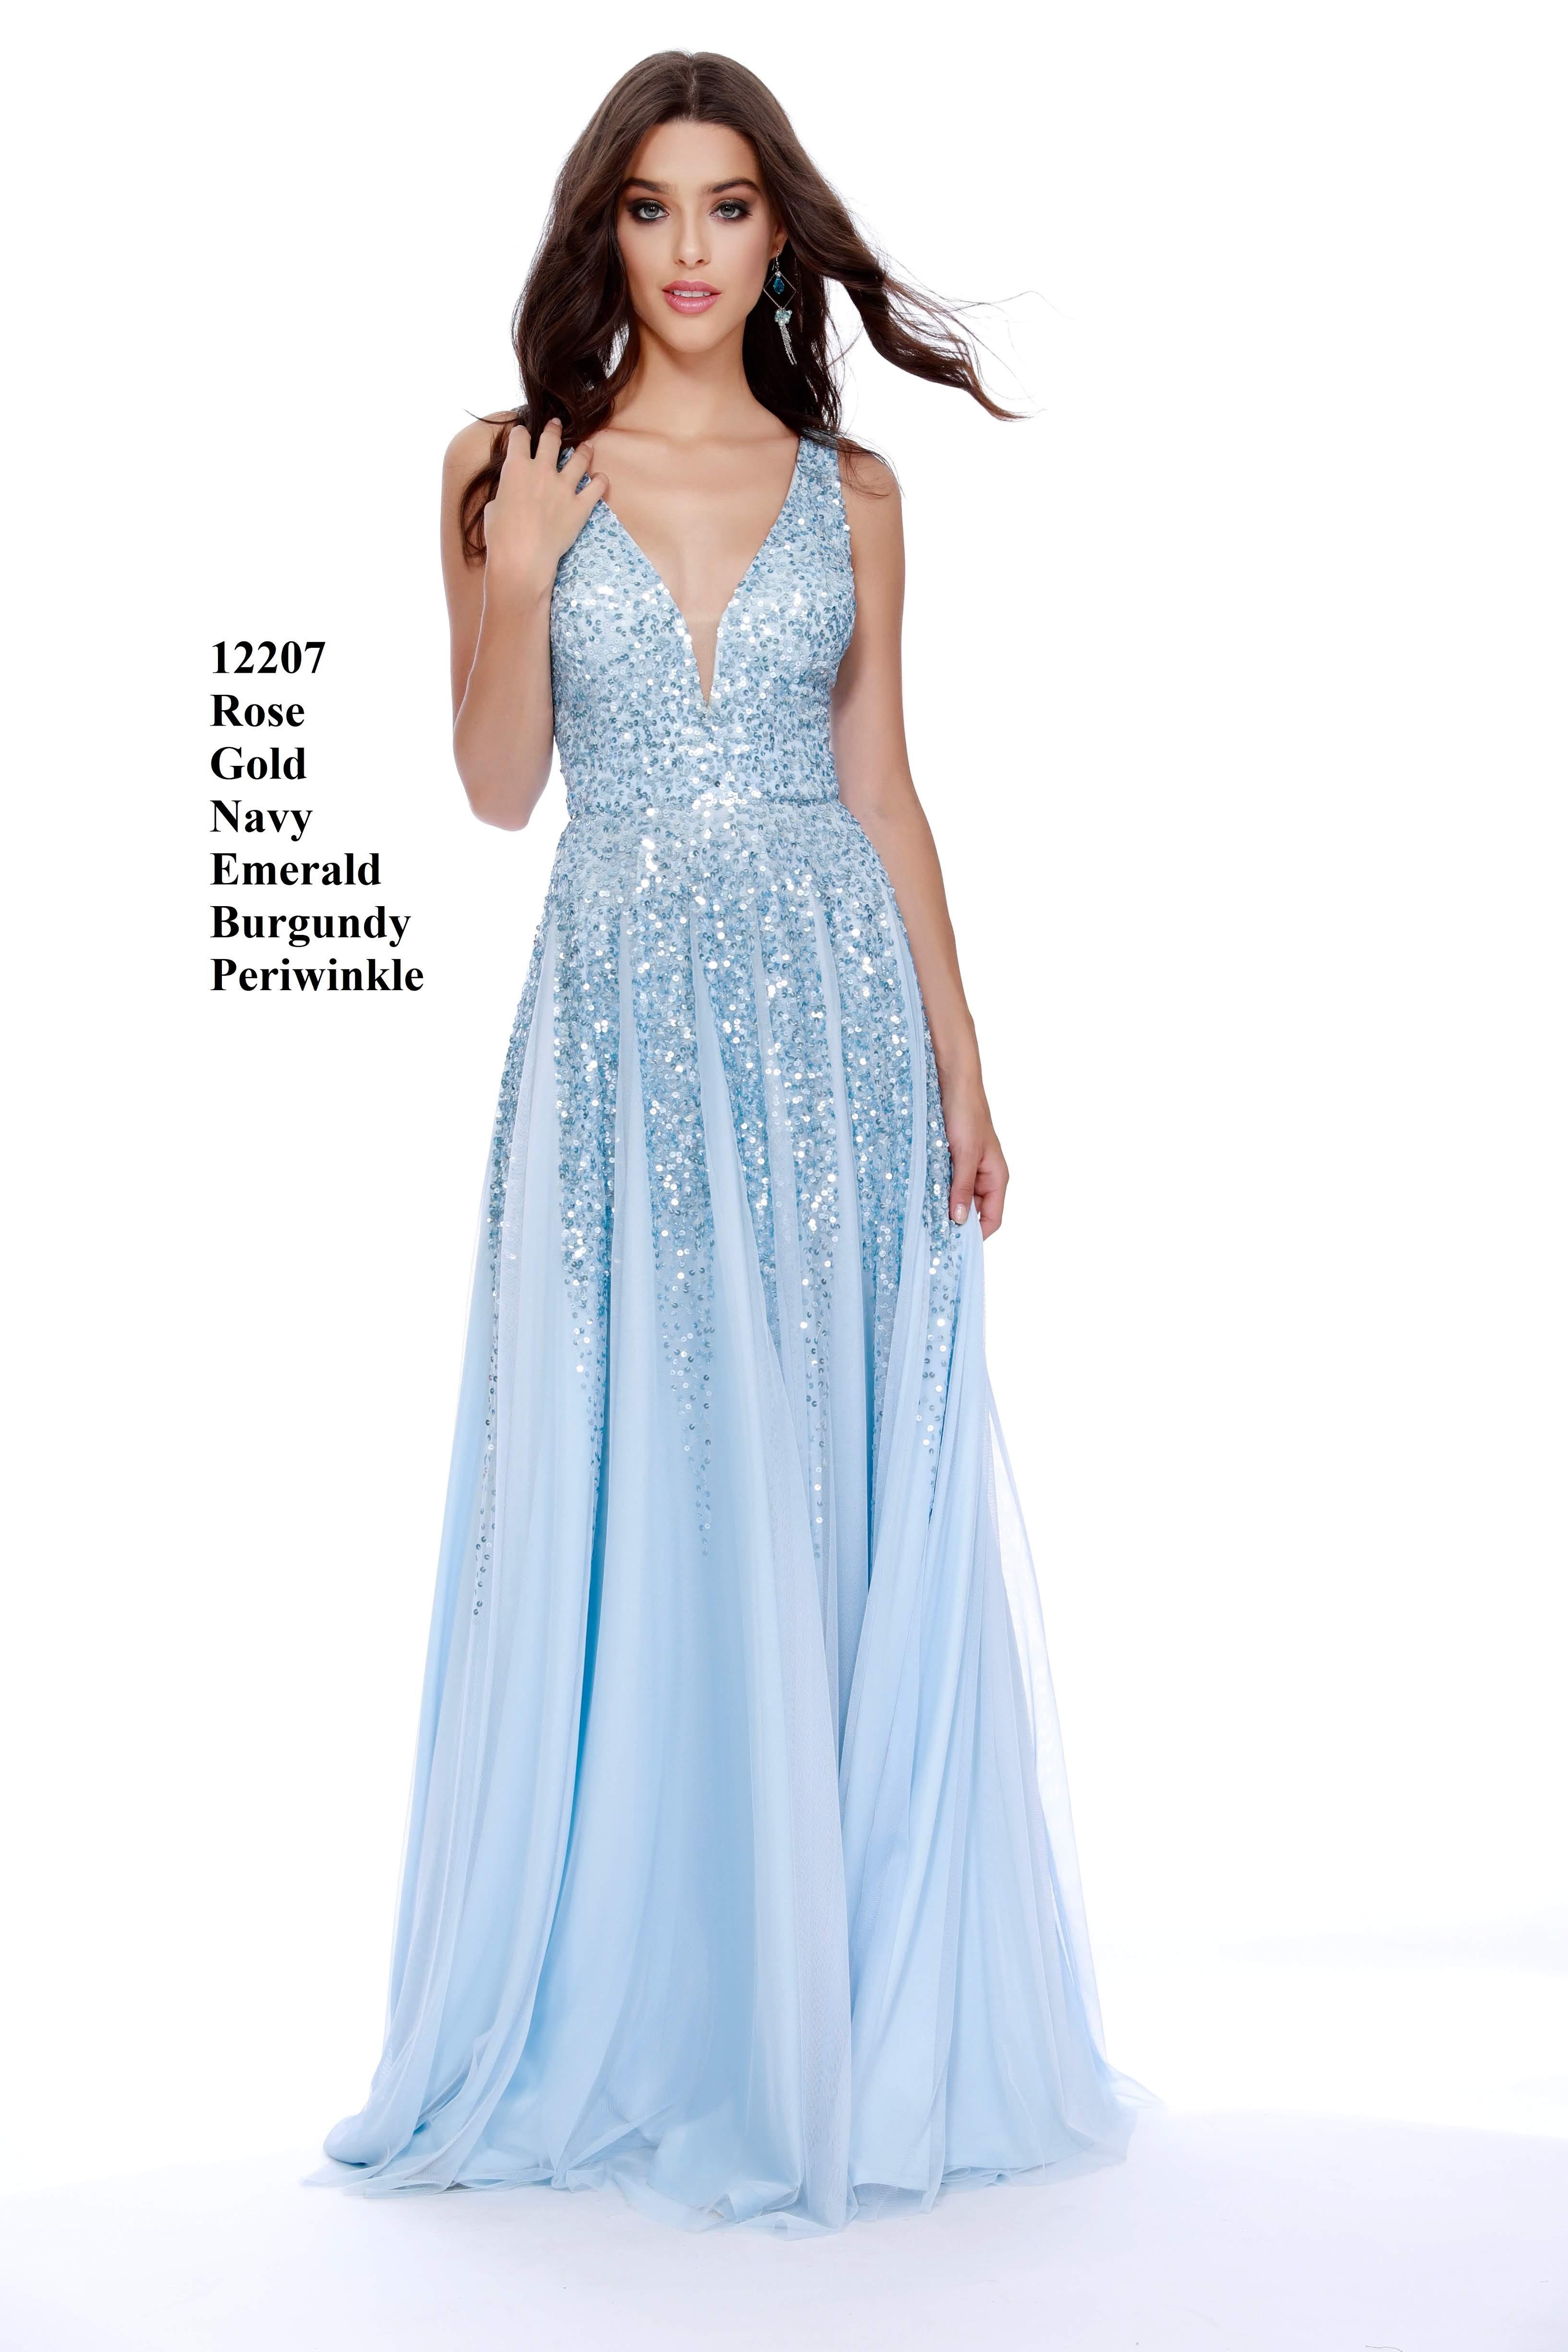 dbc092d64850 Vacker Balklänning, festklänning, tärnklänning. Denna balklänning finns i  flera färger och storlekar.